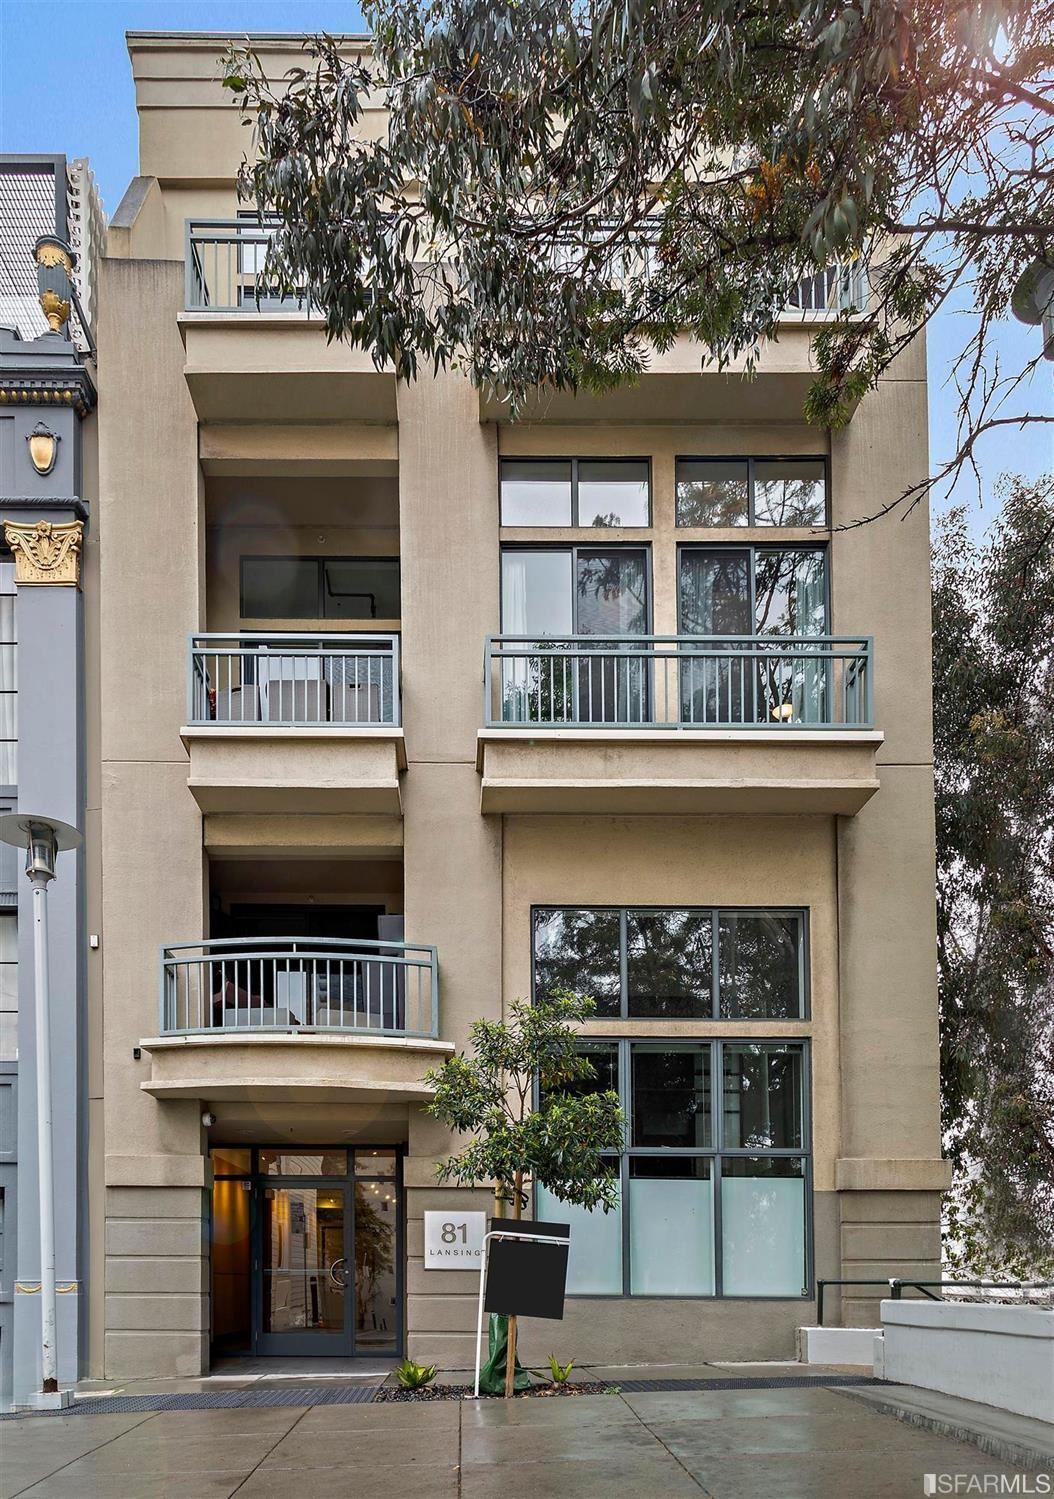 81 Lansing Street #211, San Francisco, CA 94105 - #: 498336